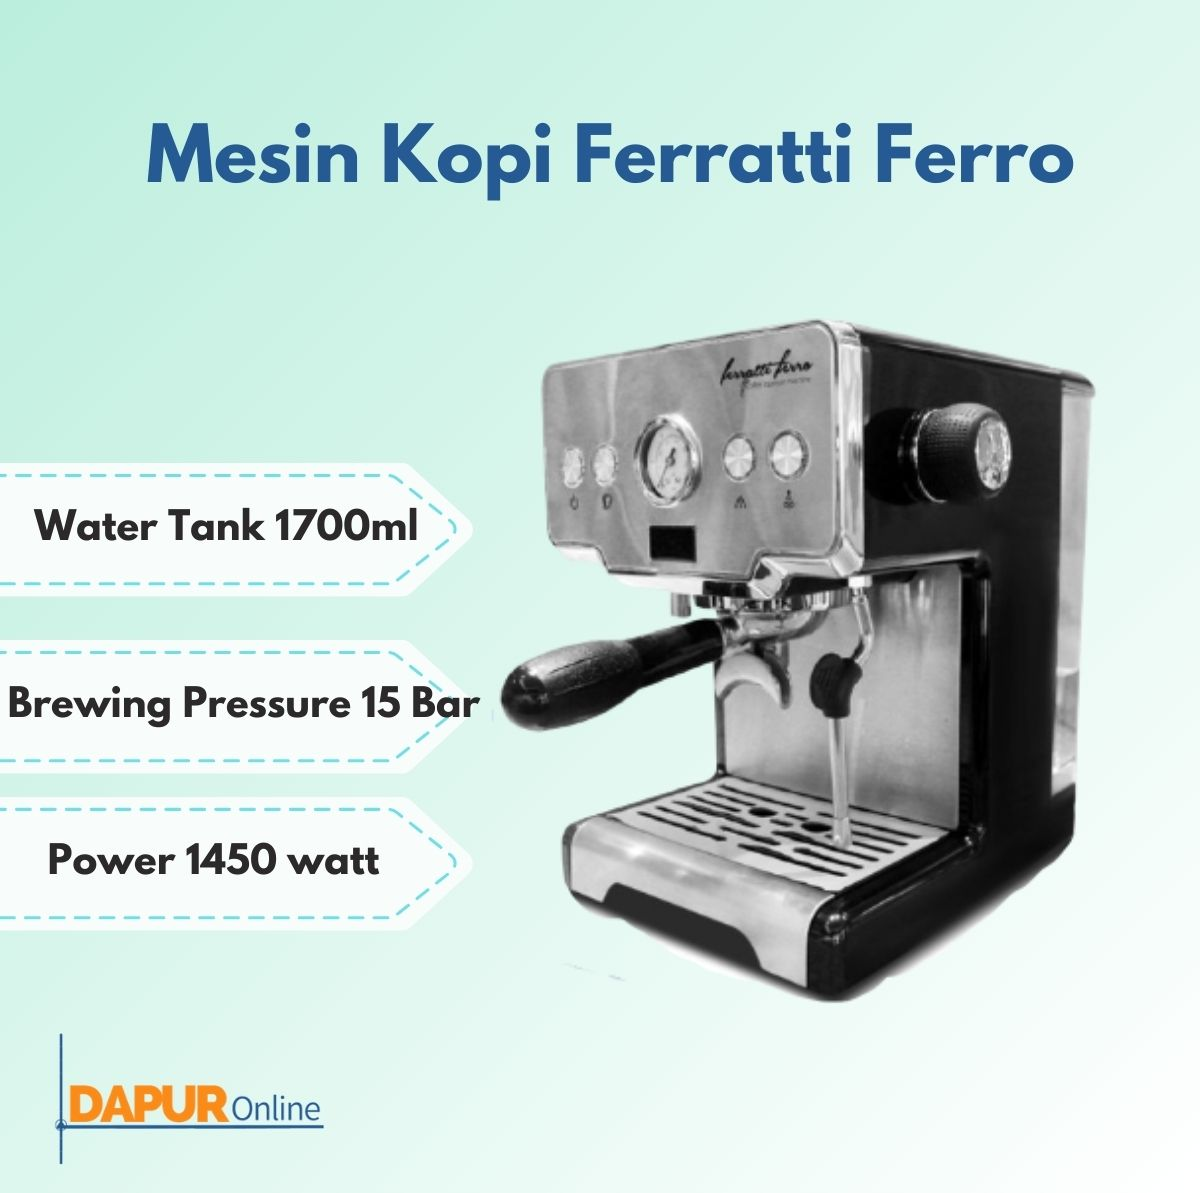 mesin espresso / espresso machine – ferratti ferro fcm3605